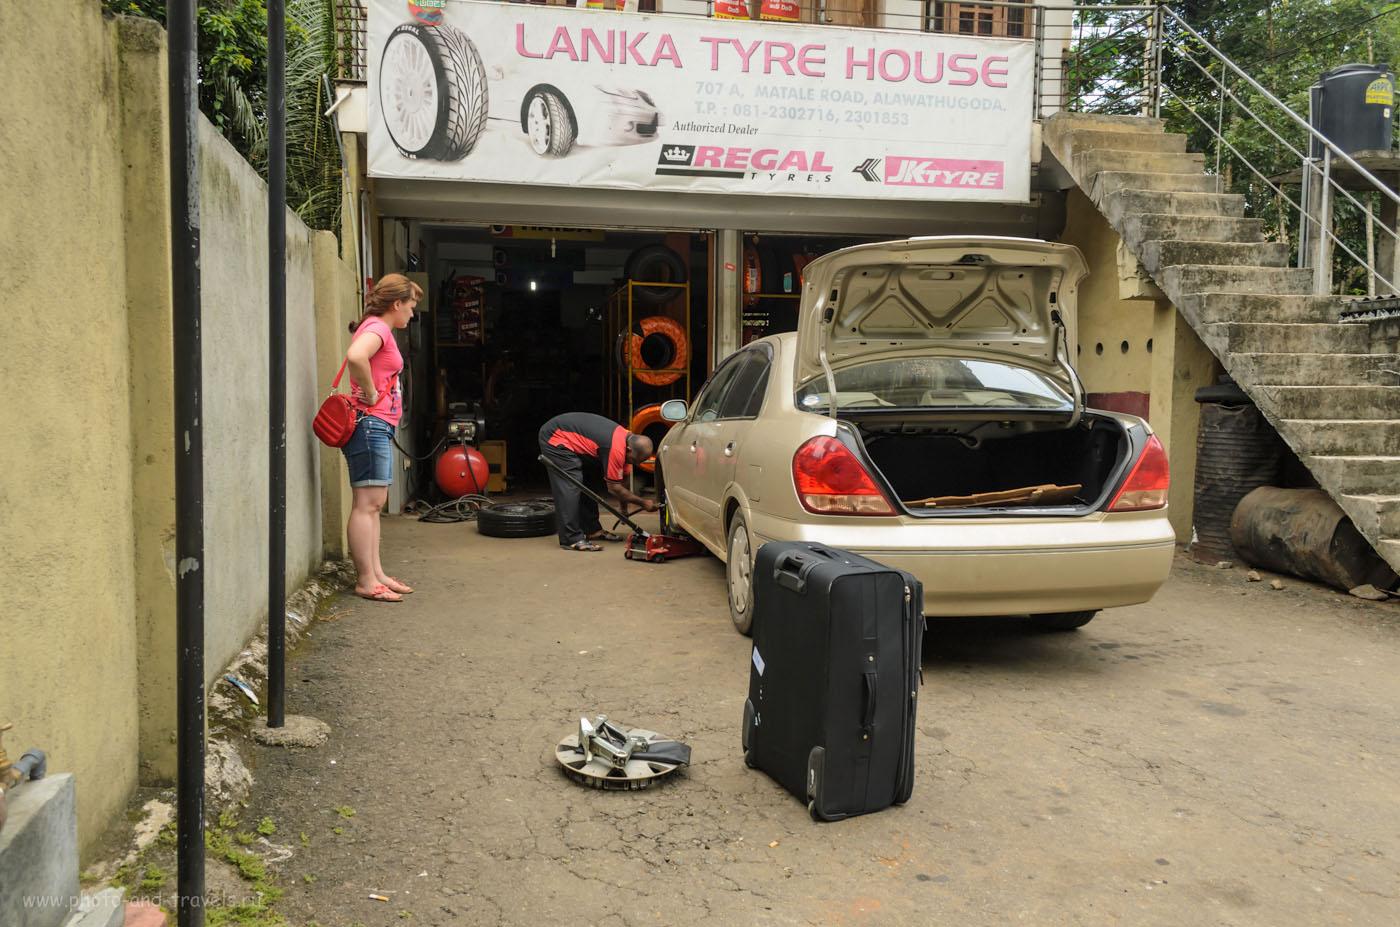 Фото 1. Как мы узнали цены на услуги шиномонтажа на Шри-Ланке. Отчет об экскурсии на гору Сигирия самостоятельно. Камера Nikon D5100 KIT 18-55.